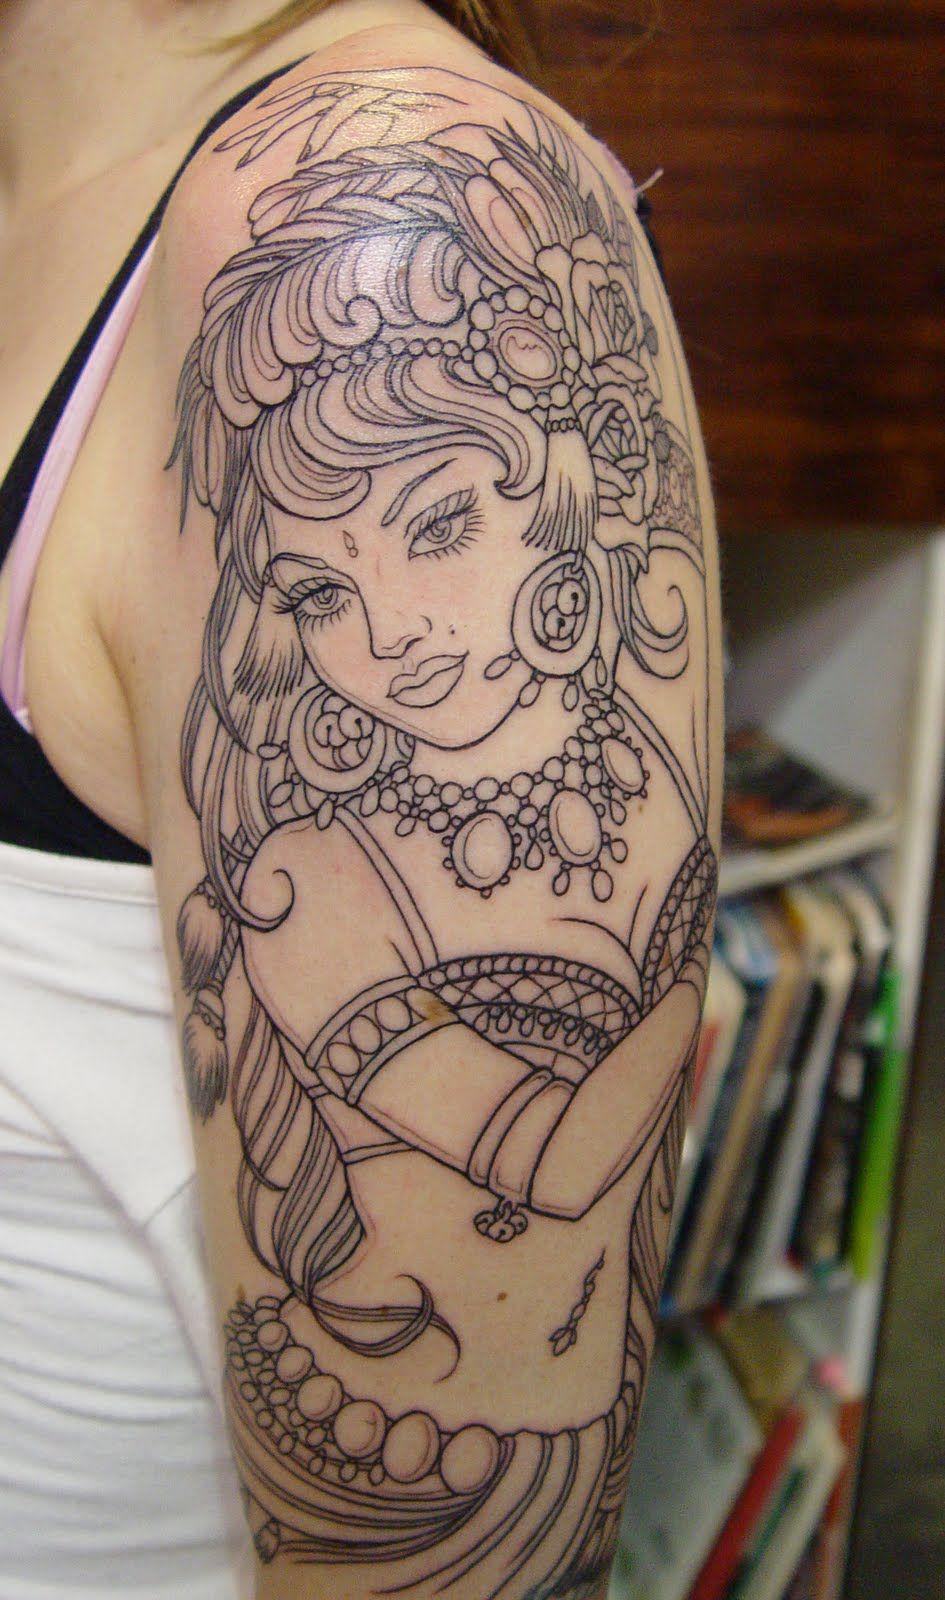 Gypsy tattoo | Ink Therapy | Pinterest | Tattoo, Tatting ...